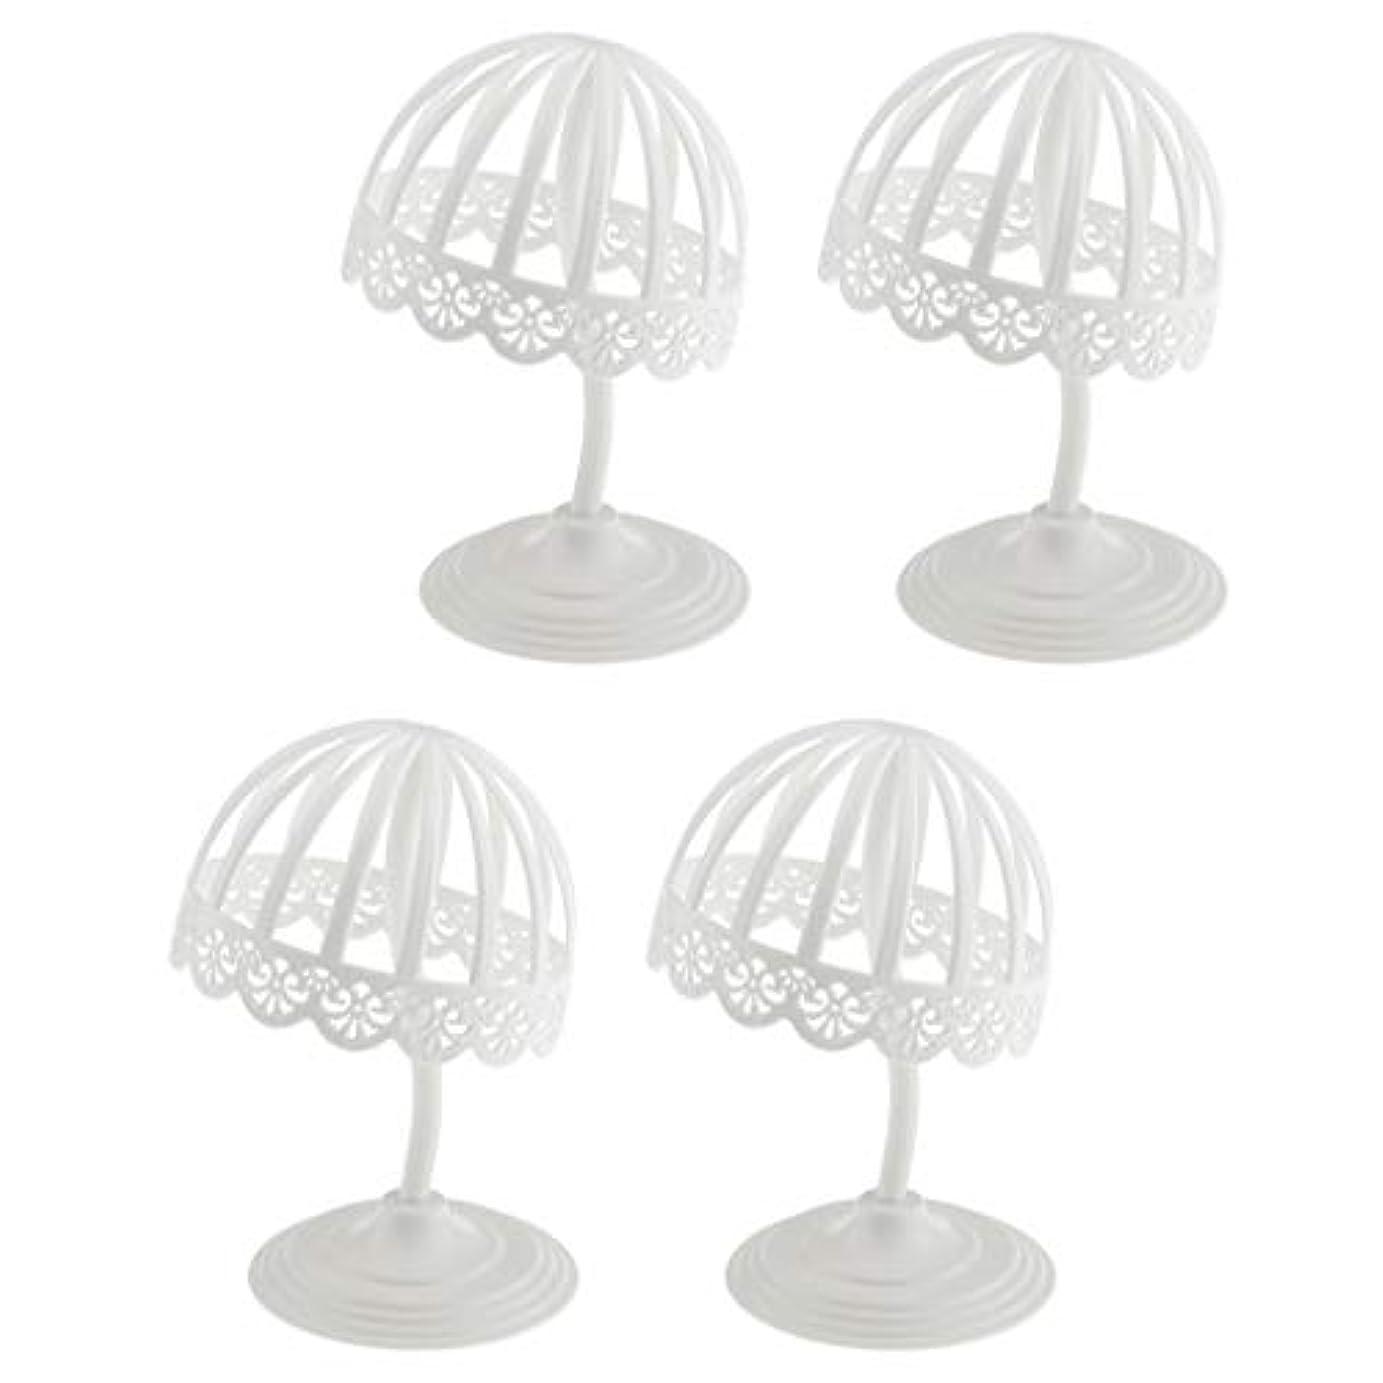 メッシュ配置広々4個セット ウィッグ スタンド 帽子 収納 ディスプレイ ホルダー プラスチック製 ホワイト